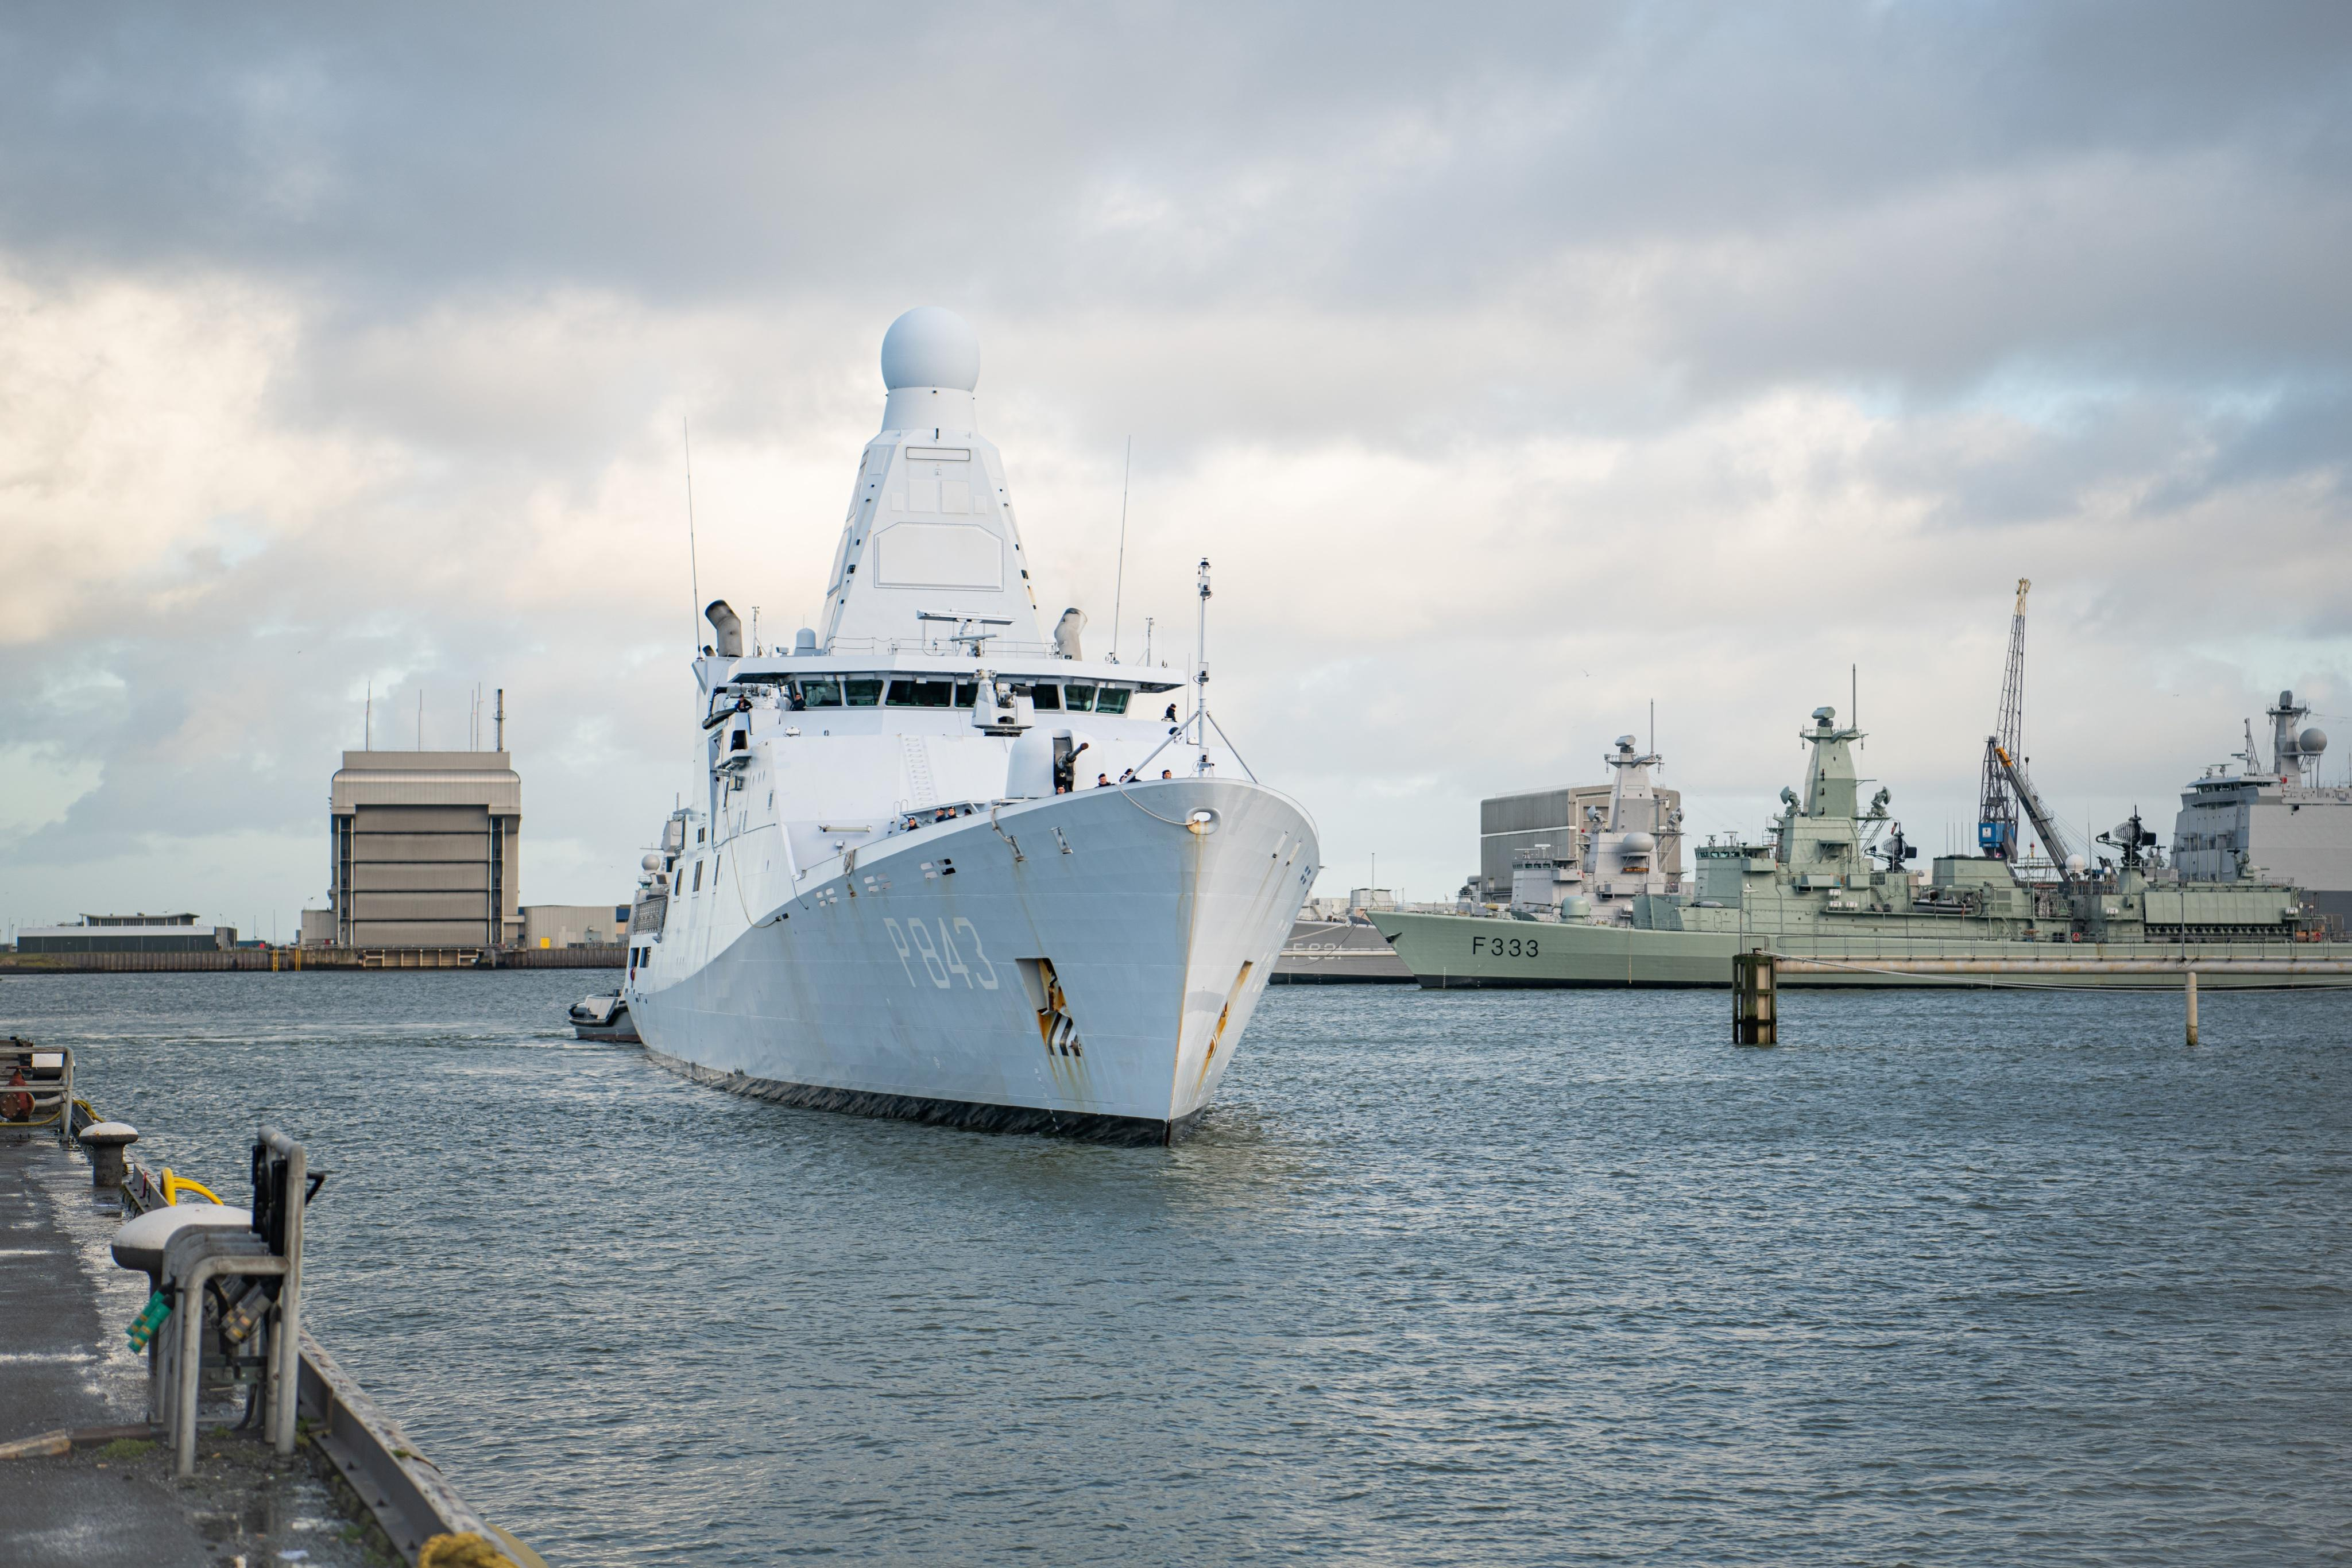 Zr. Ms Groningen is terug in Den Helder. Patrouilleschip moest inzet in de Cariben eerder staken vanwege technisch mankement aan as